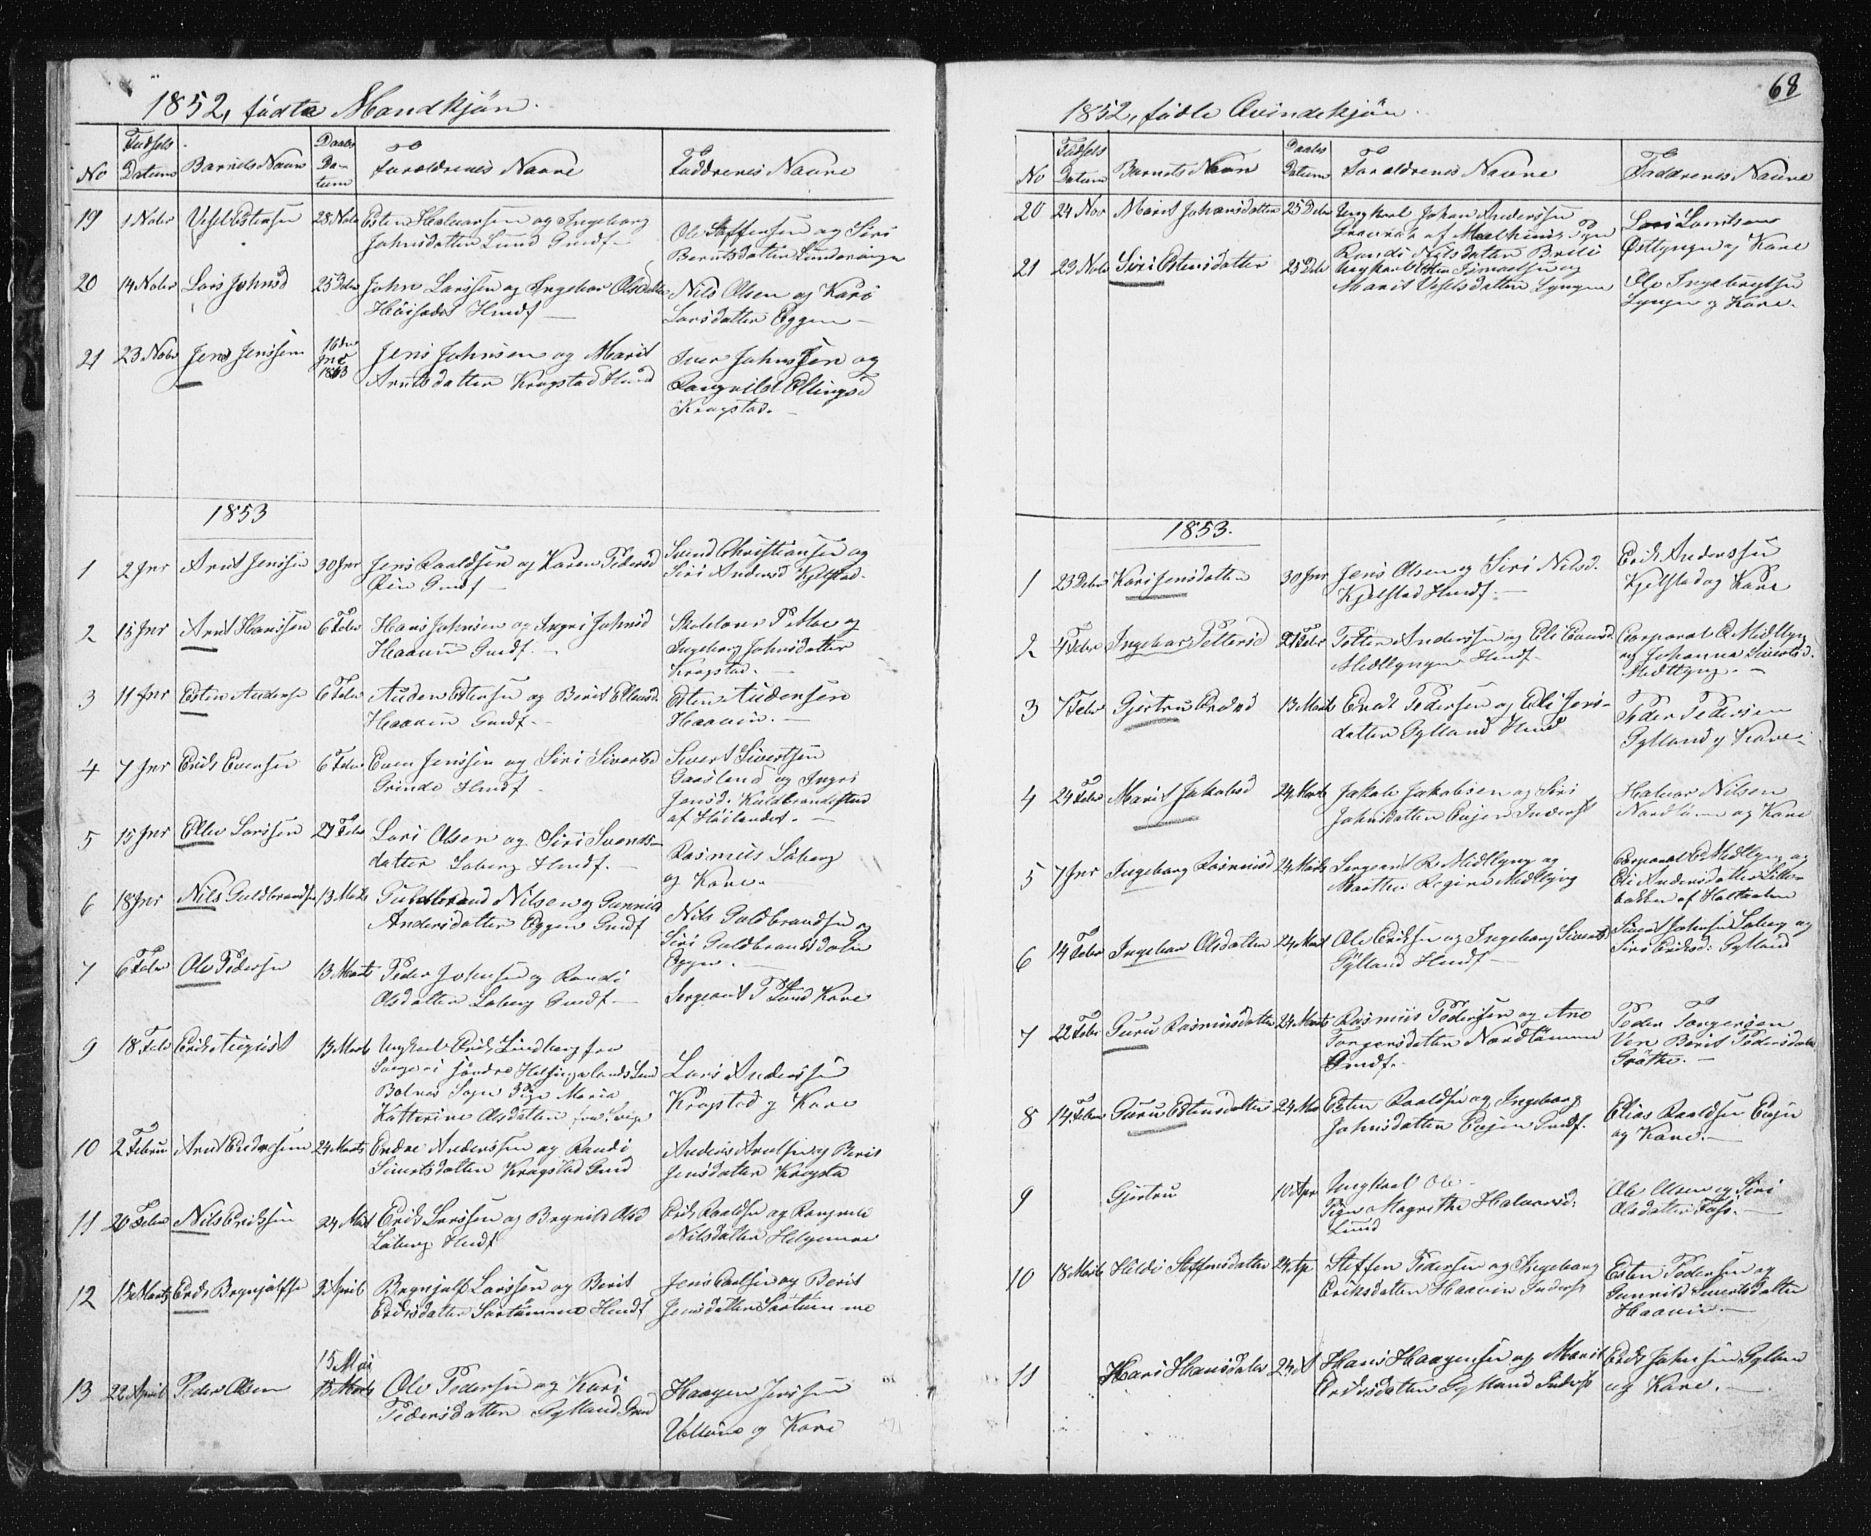 SAT, Ministerialprotokoller, klokkerbøker og fødselsregistre - Sør-Trøndelag, 692/L1110: Klokkerbok nr. 692C05, 1849-1889, s. 68